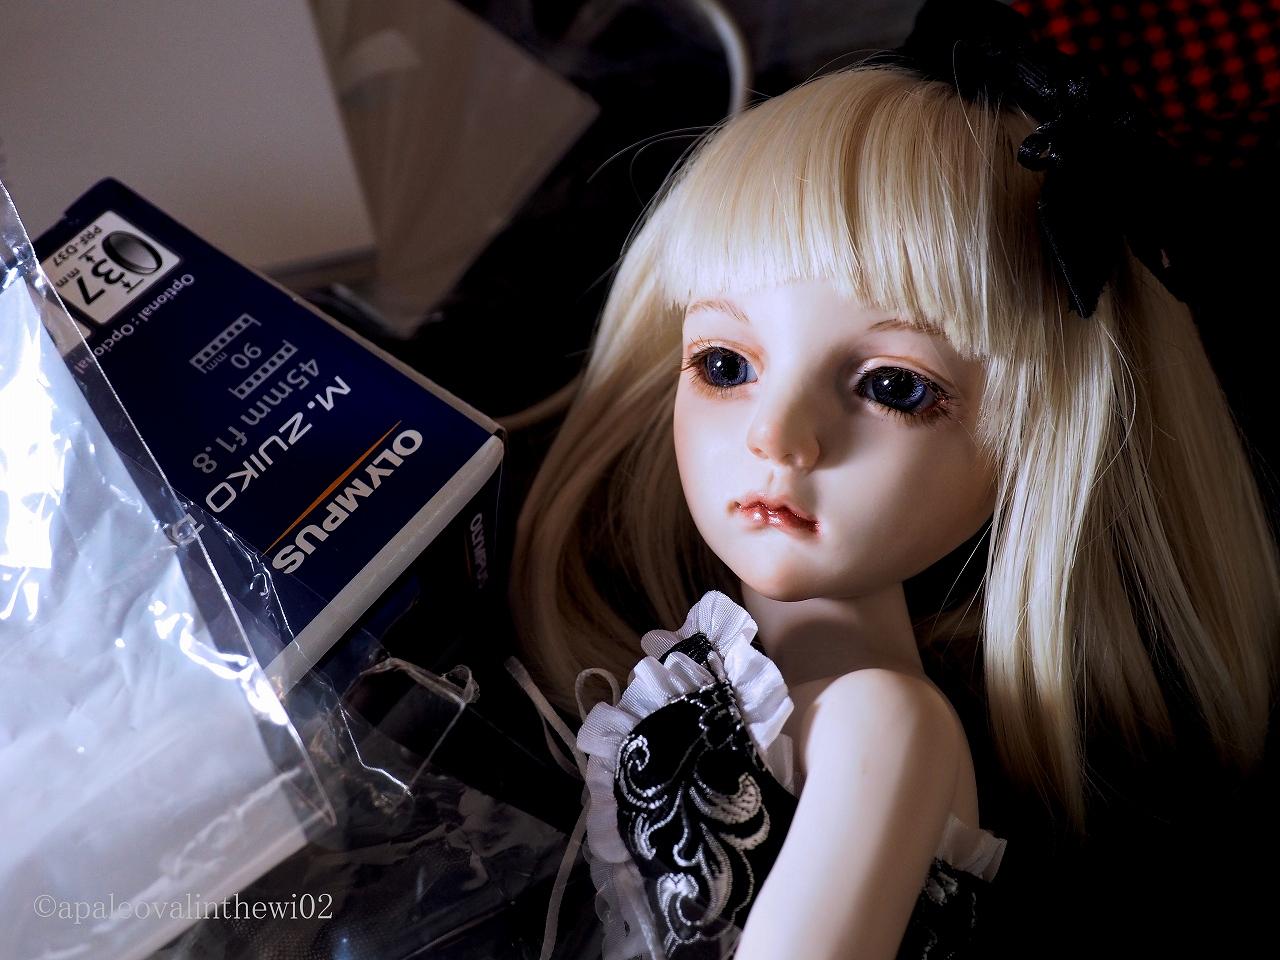 f:id:apaleovalinthewi02:20170517094753j:plain